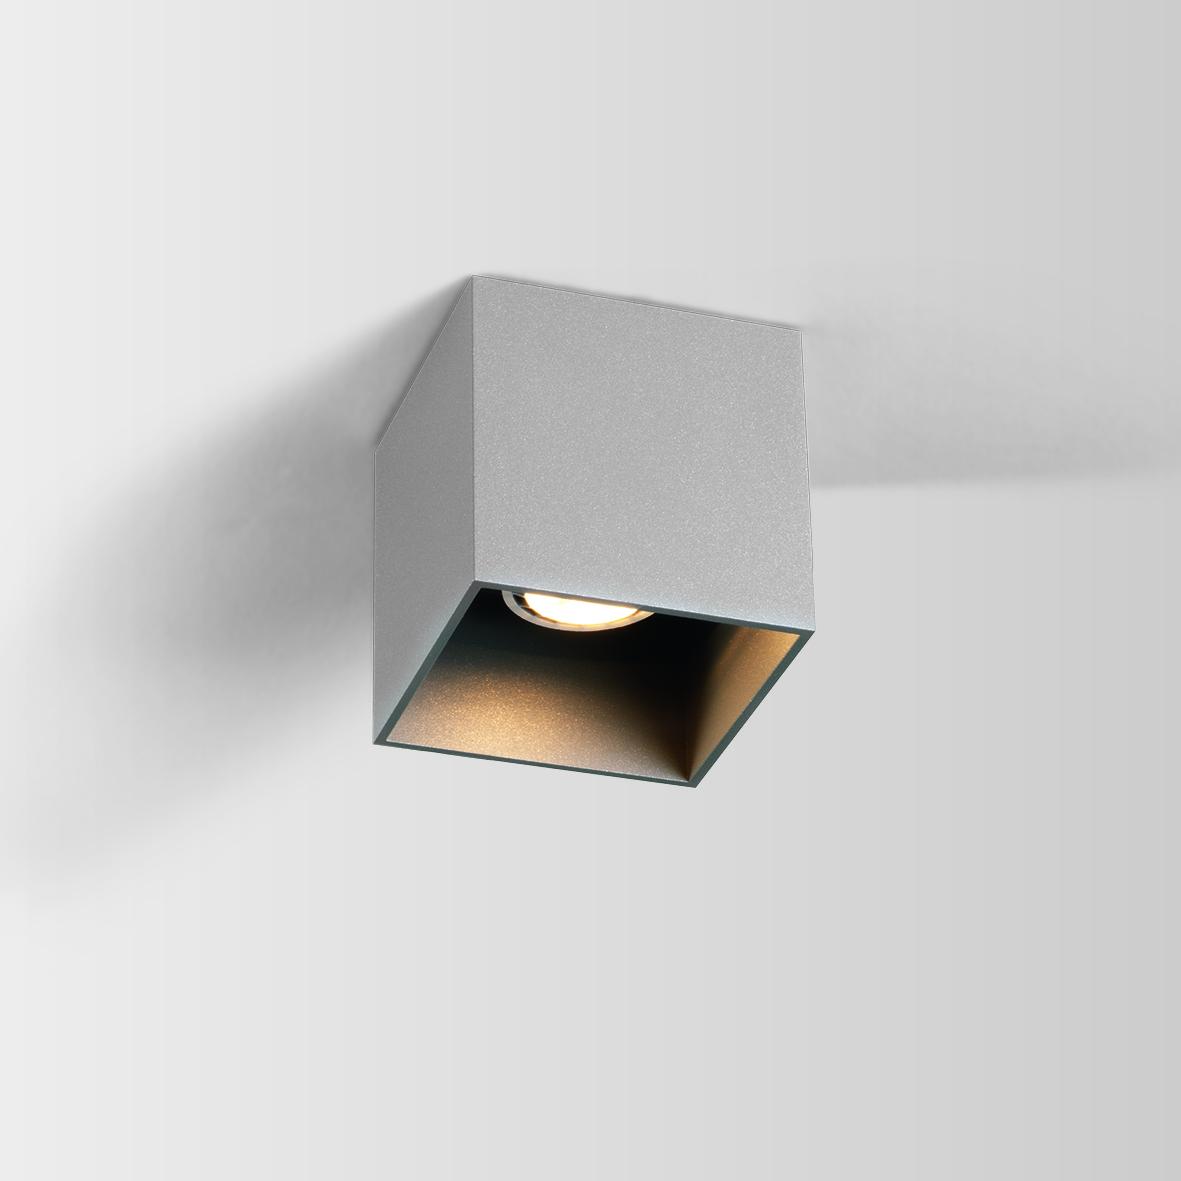 Box Ceiling 1.0 LED 8W 3000K dim 80CRI 220-240V, Alumiiniumvärv